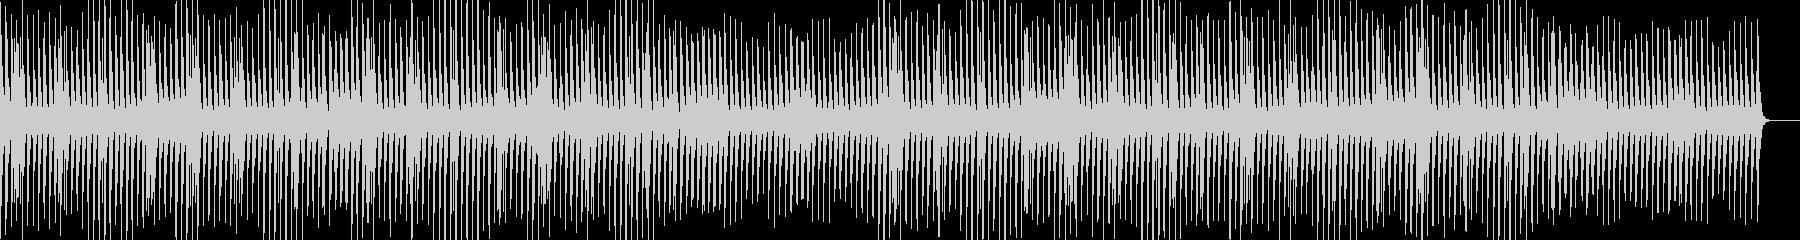 かわいい・ほのぼの・マリンバの未再生の波形